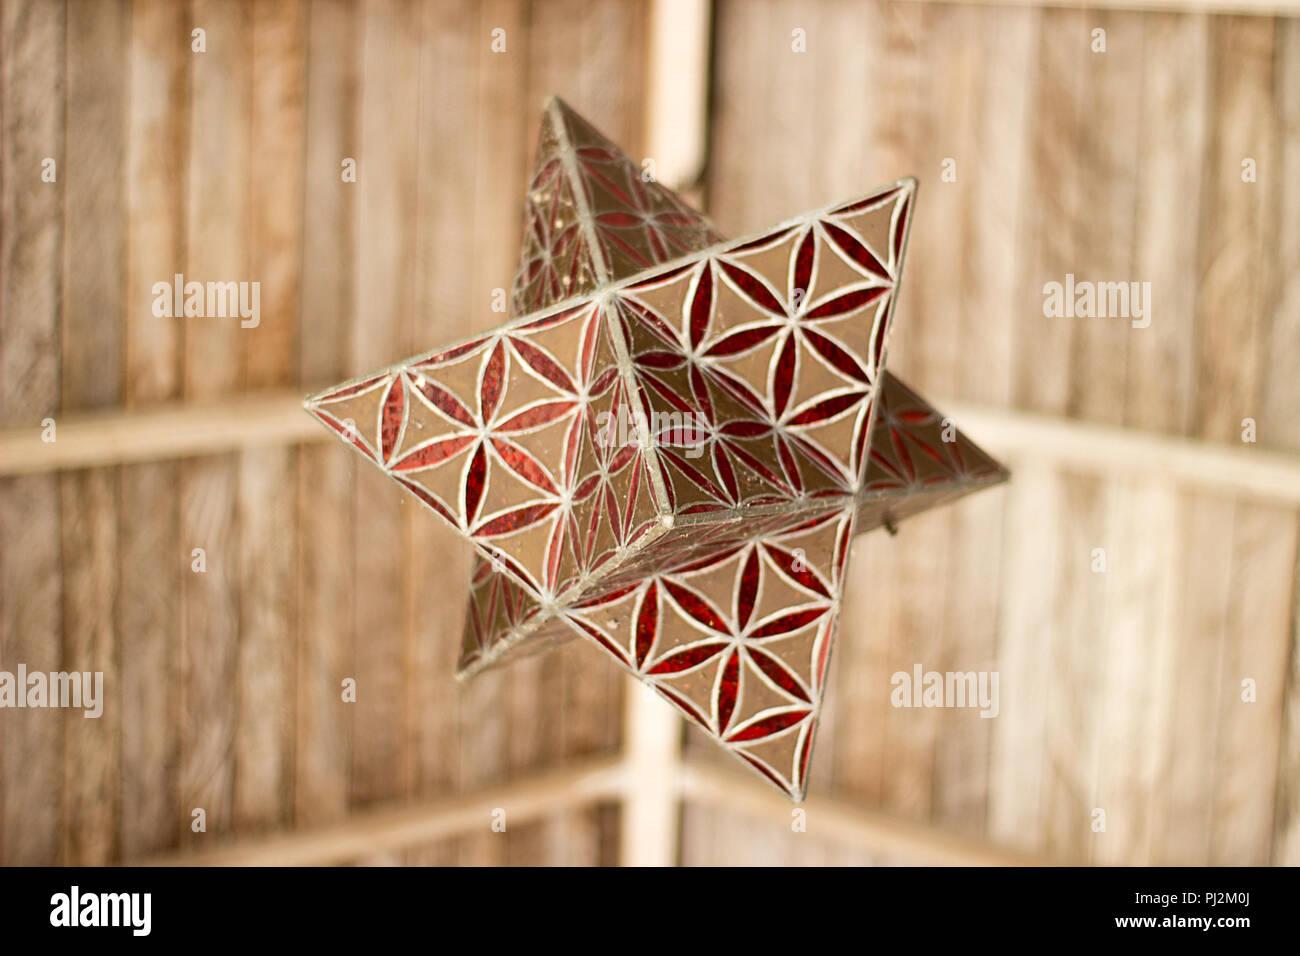 Original chandelier under the wooden roof - Stock Image